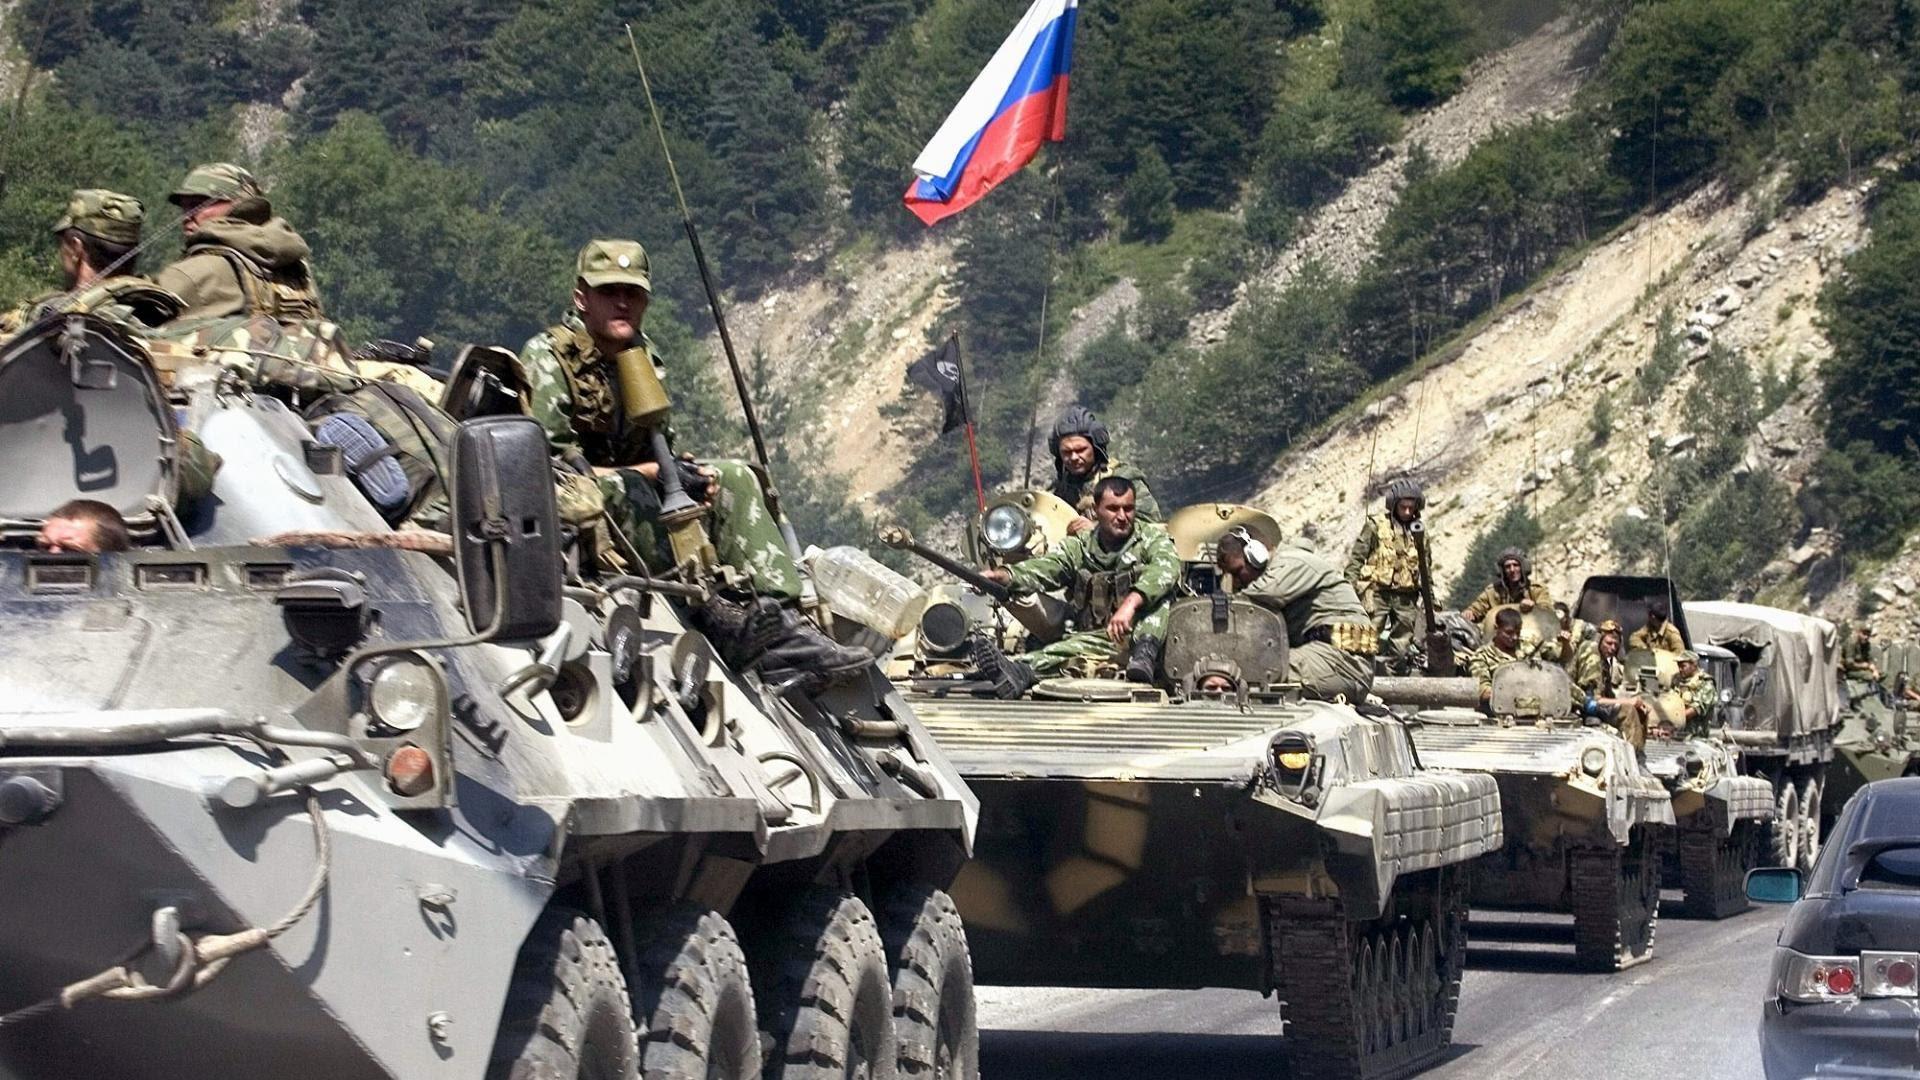 روسيا تعلن وفاة أحد جنودها في سورية